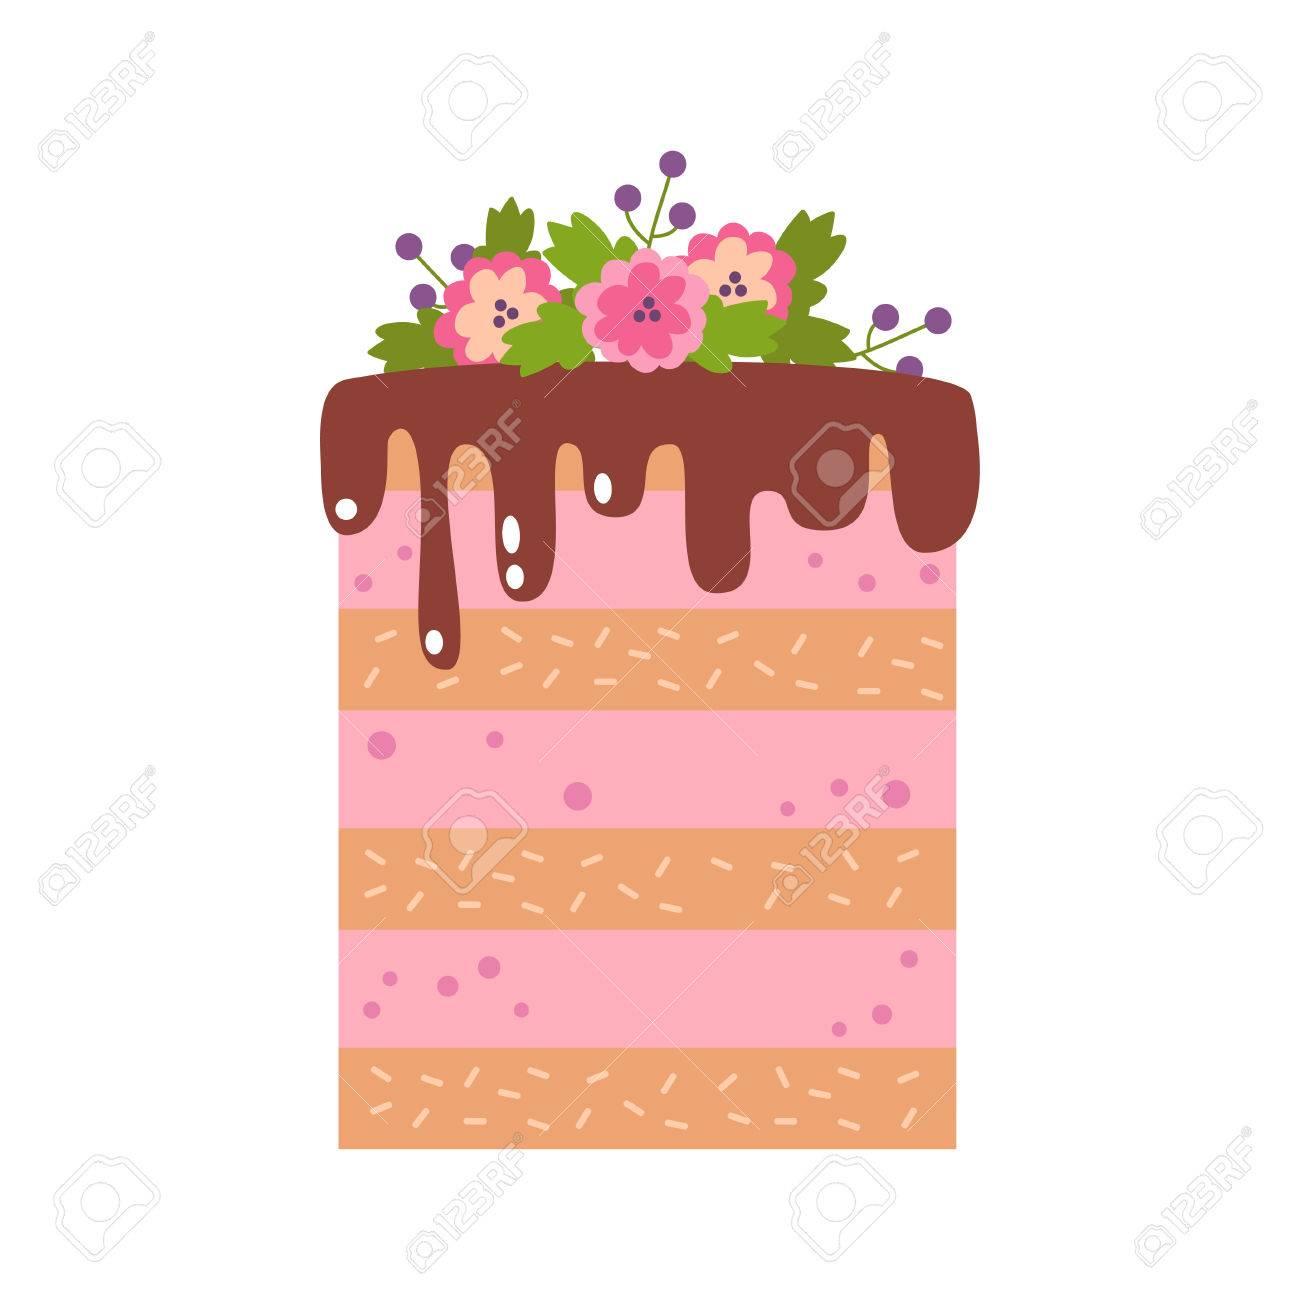 ケーキのベクトル フラット アイコン イラスト誕生日パーティーの装飾